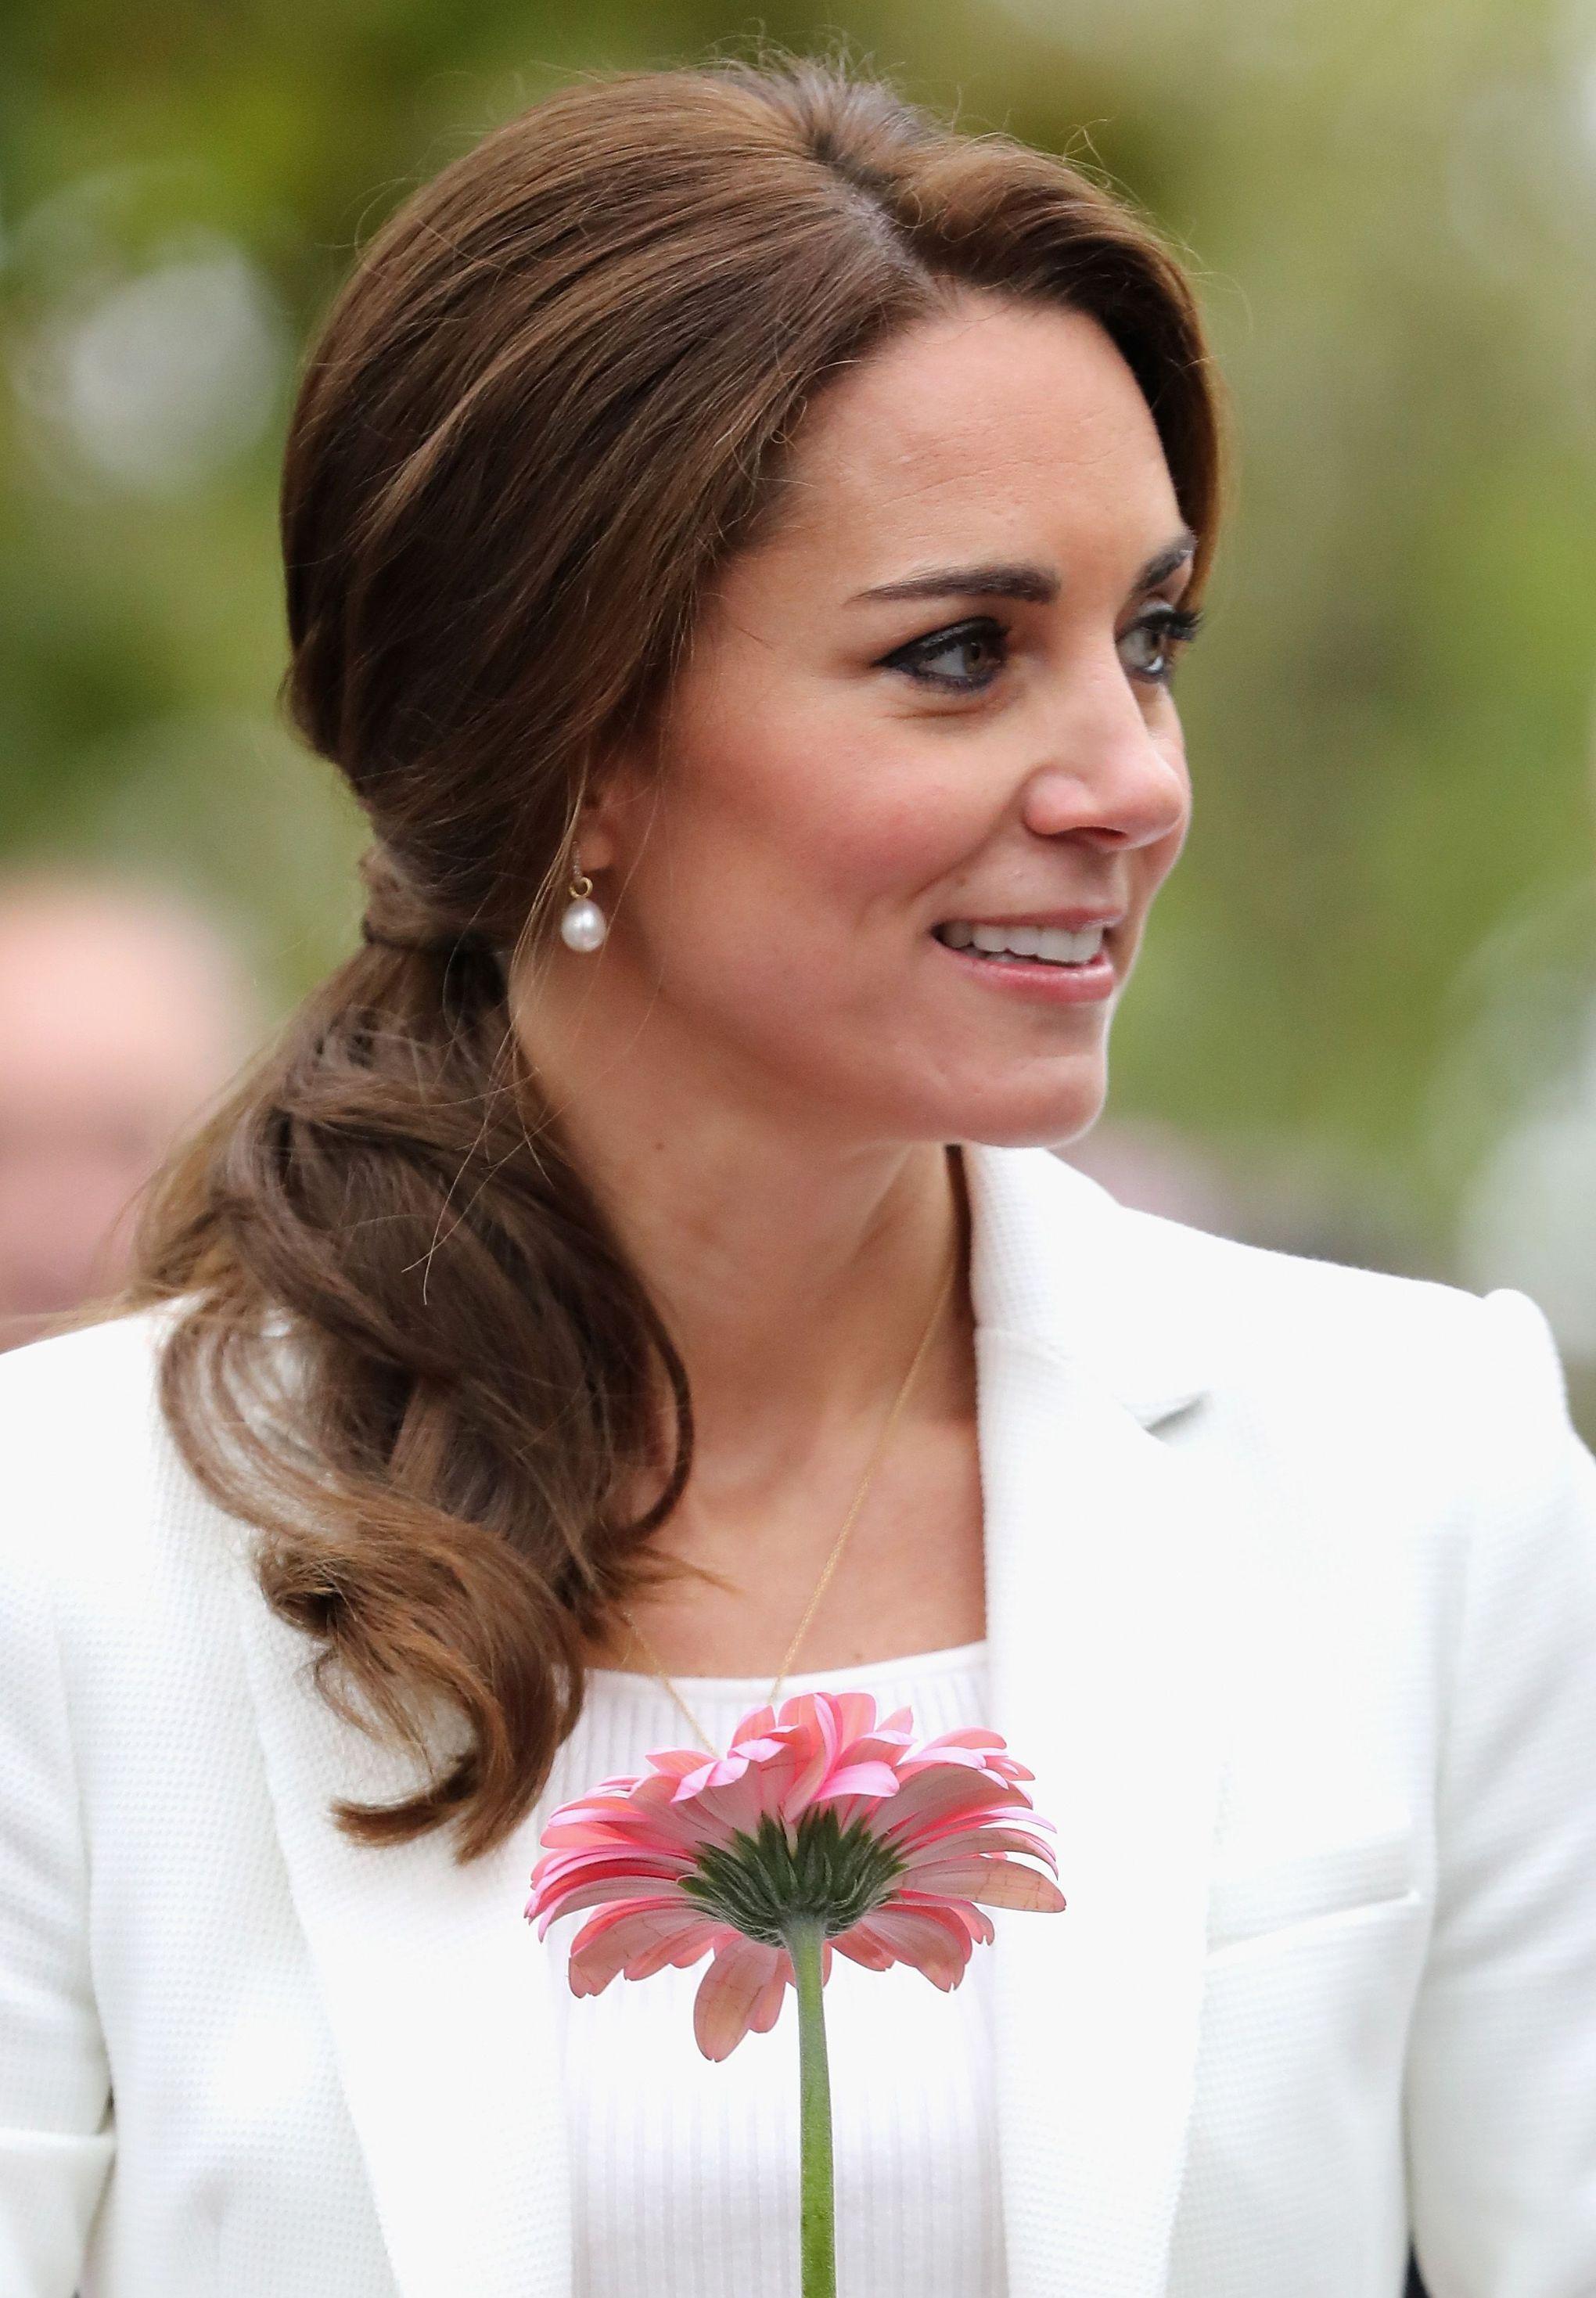 Đúng là đẳng cấp Hoàng hậu tương lai, chỉ riêng chuyện buộc tóc của Công nương Kate cũng khiến dân tình trầm trồ - Ảnh 4.